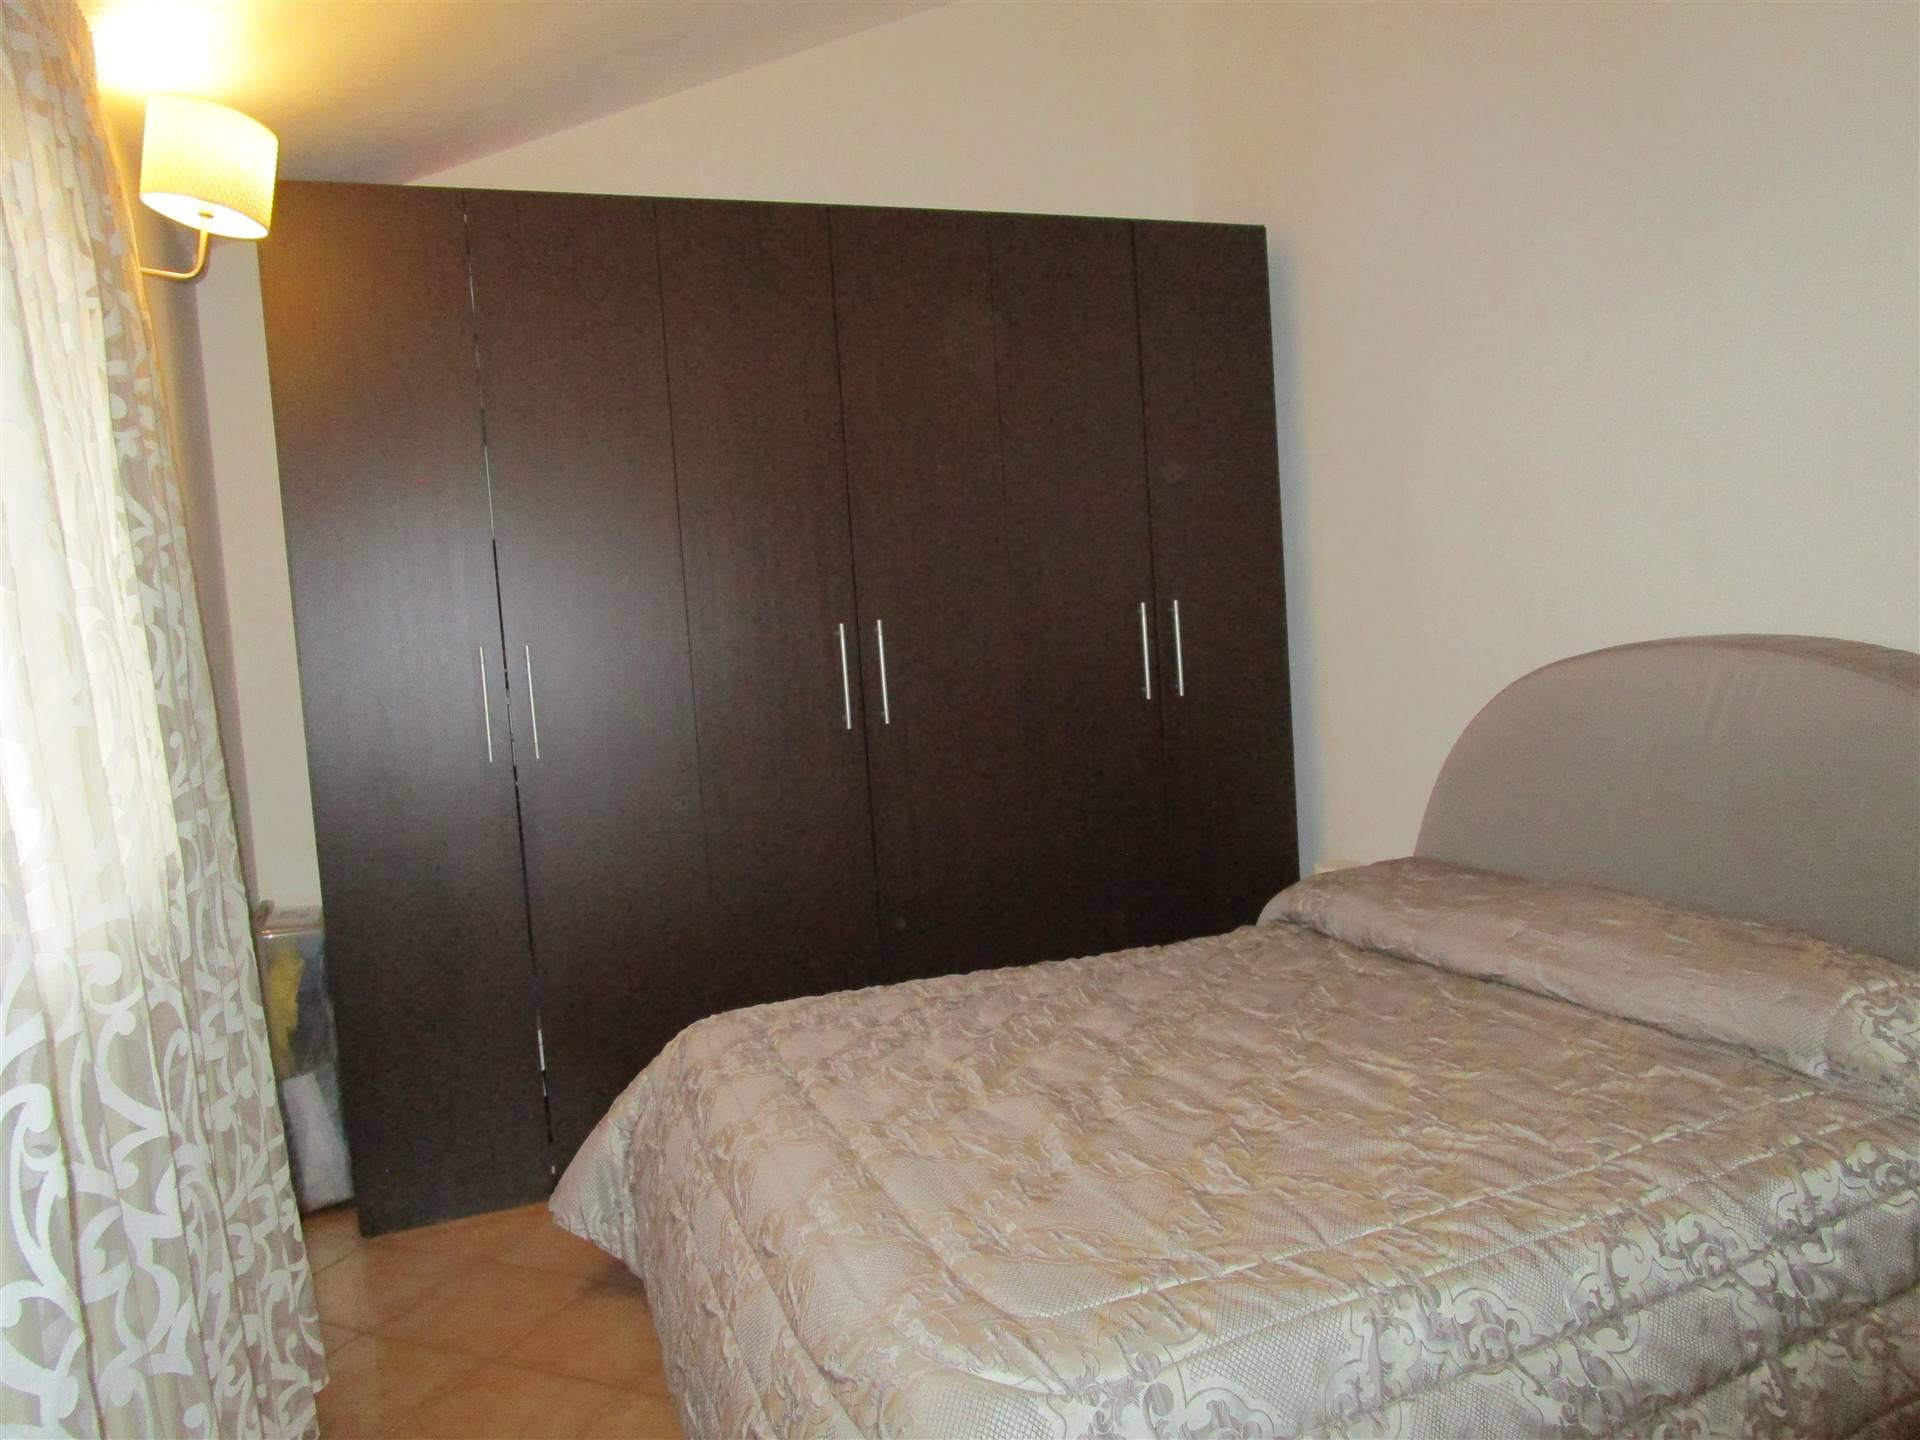 Appartamento in Vendita a Campi bisenzio zona San donnino - immagine 6